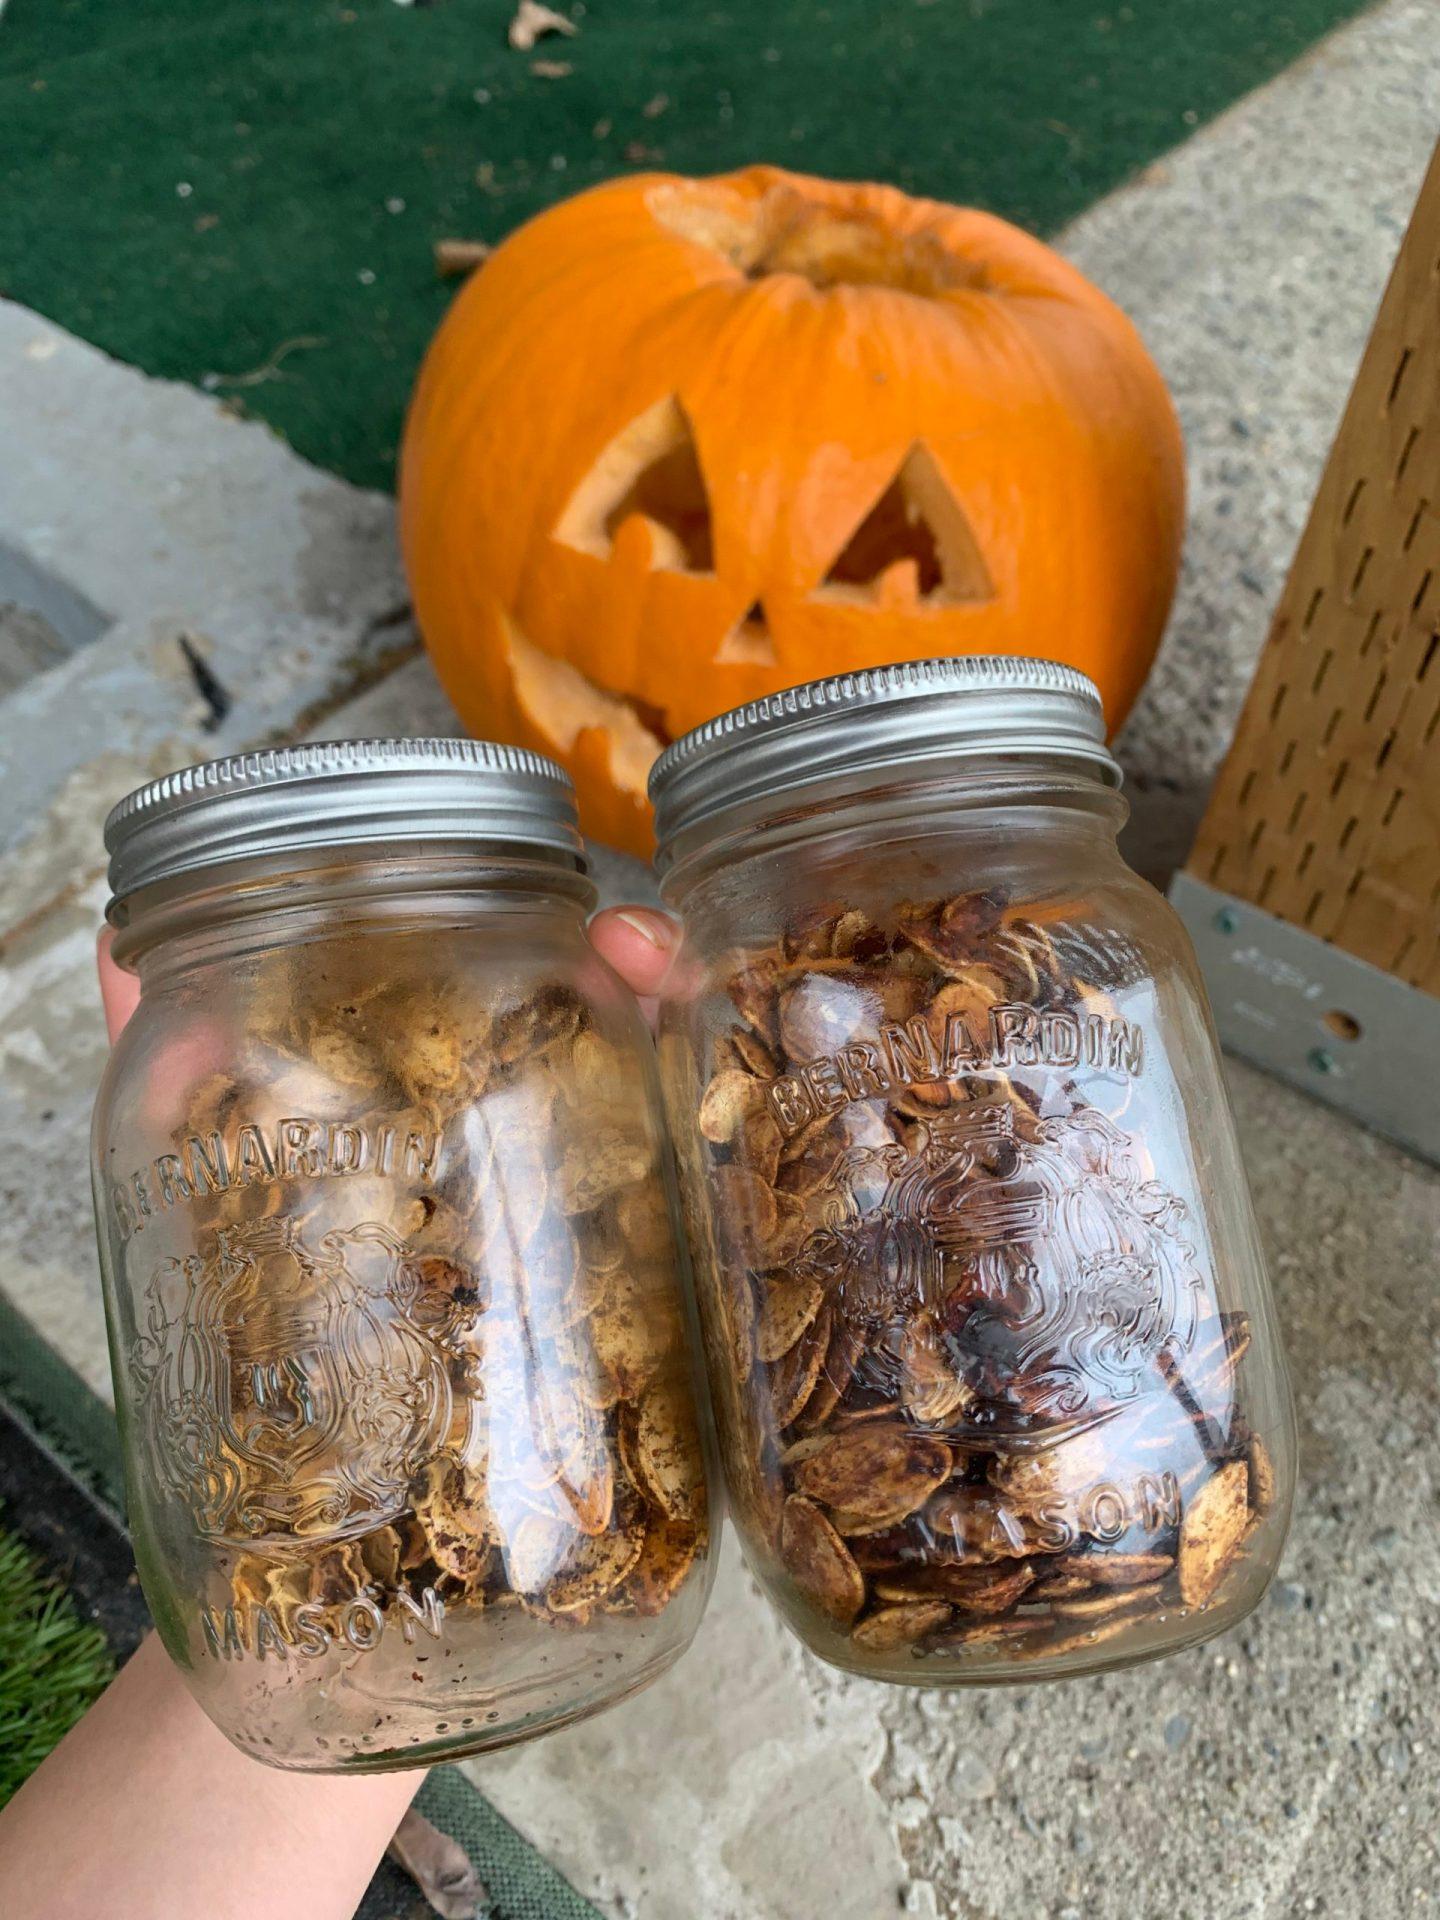 SWEET & SAVOURY: Two Tasty Roasted Pumpkin Seed Seasonings (Vegan)